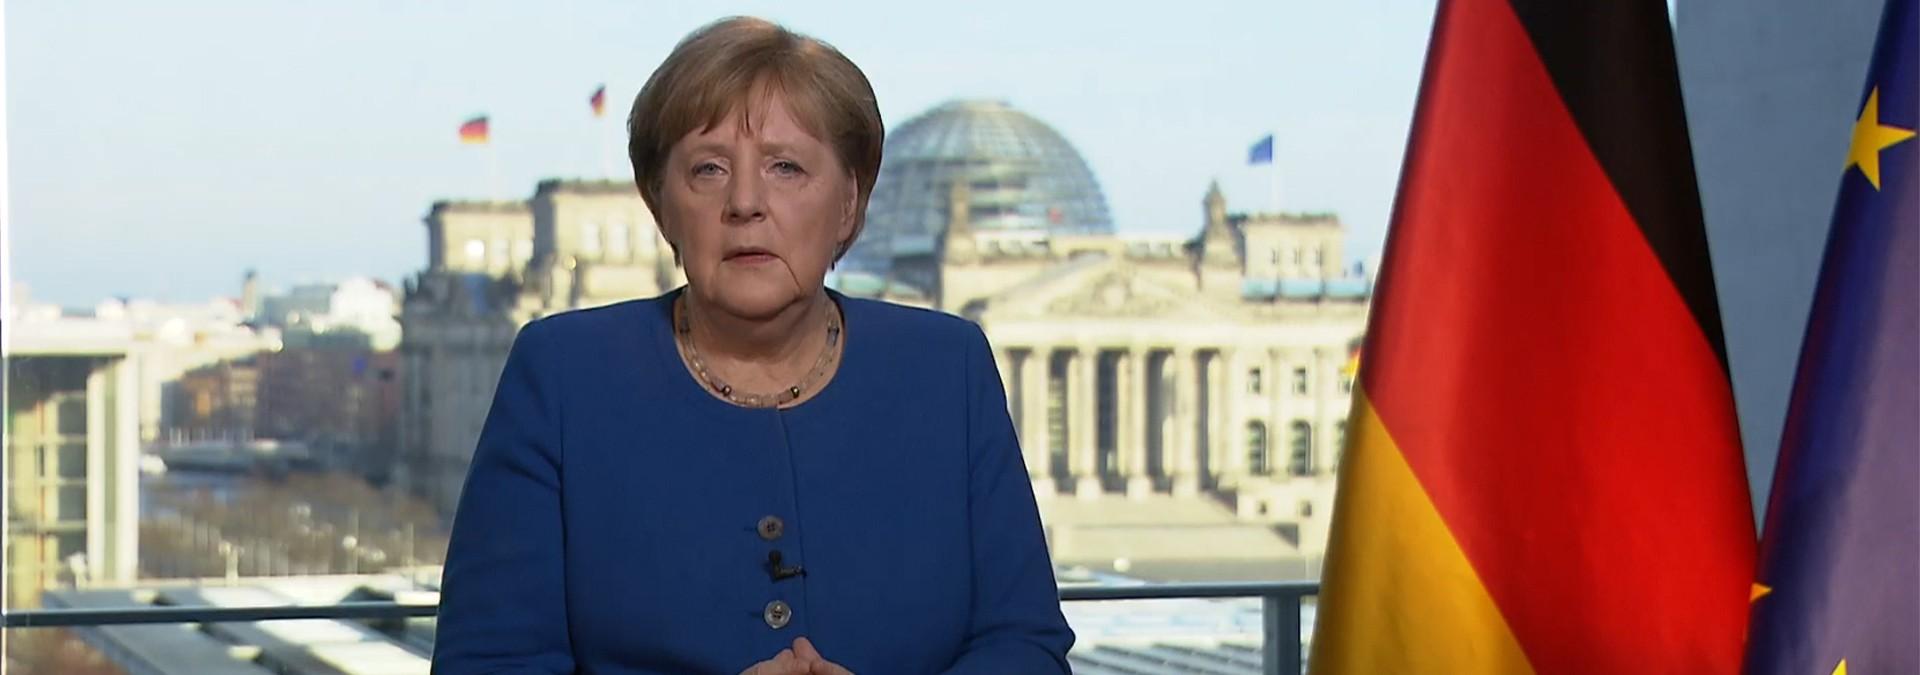 Angela Merkel: Danke, von ganzem Herzen